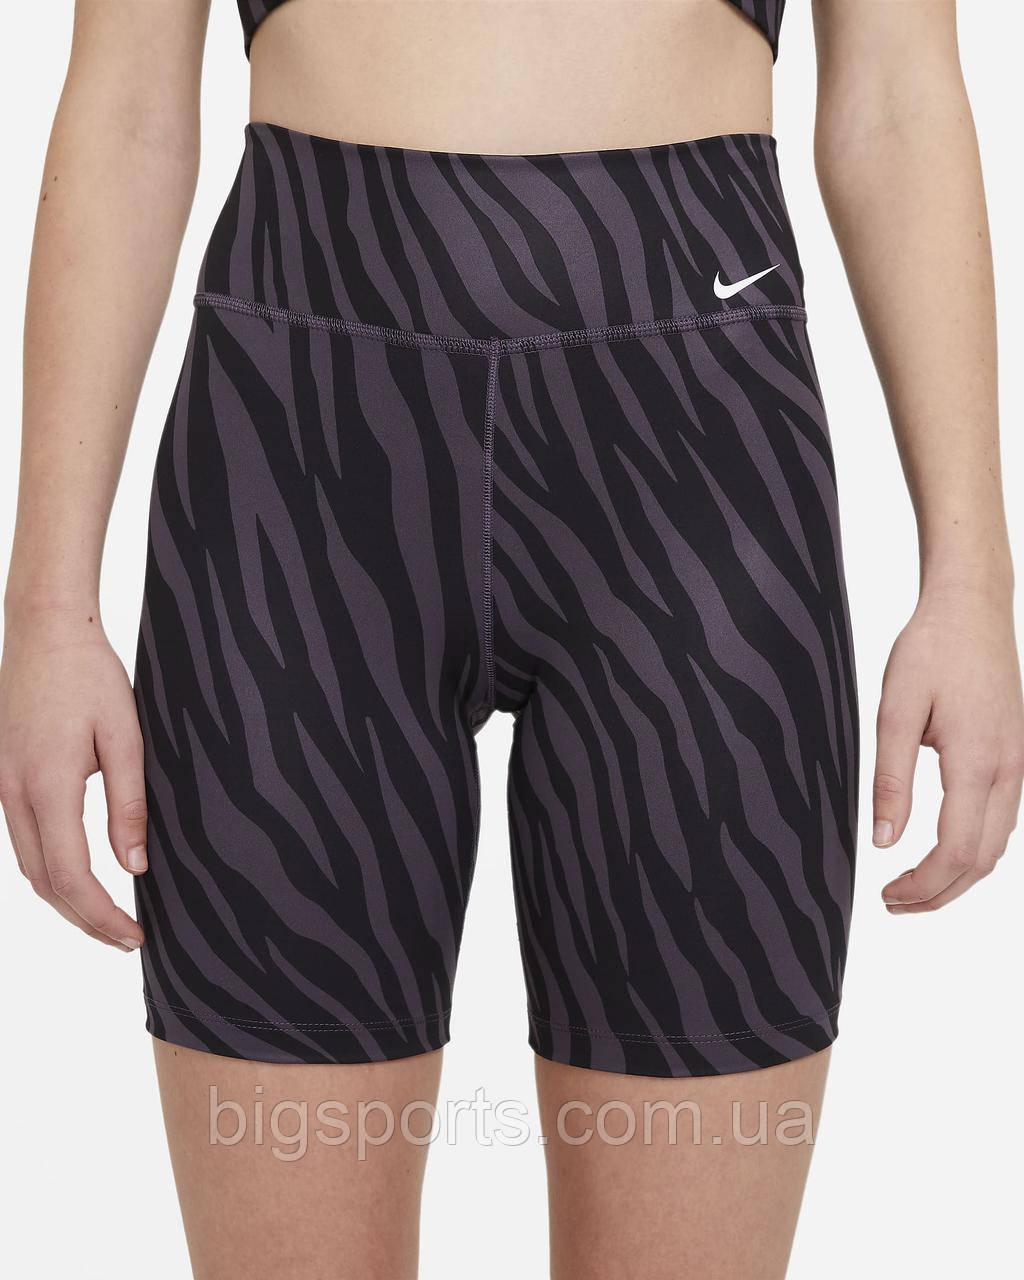 Шорты жен. Nike W One 7 Aop Icnclsh Sh (арт. CZ9207-573)